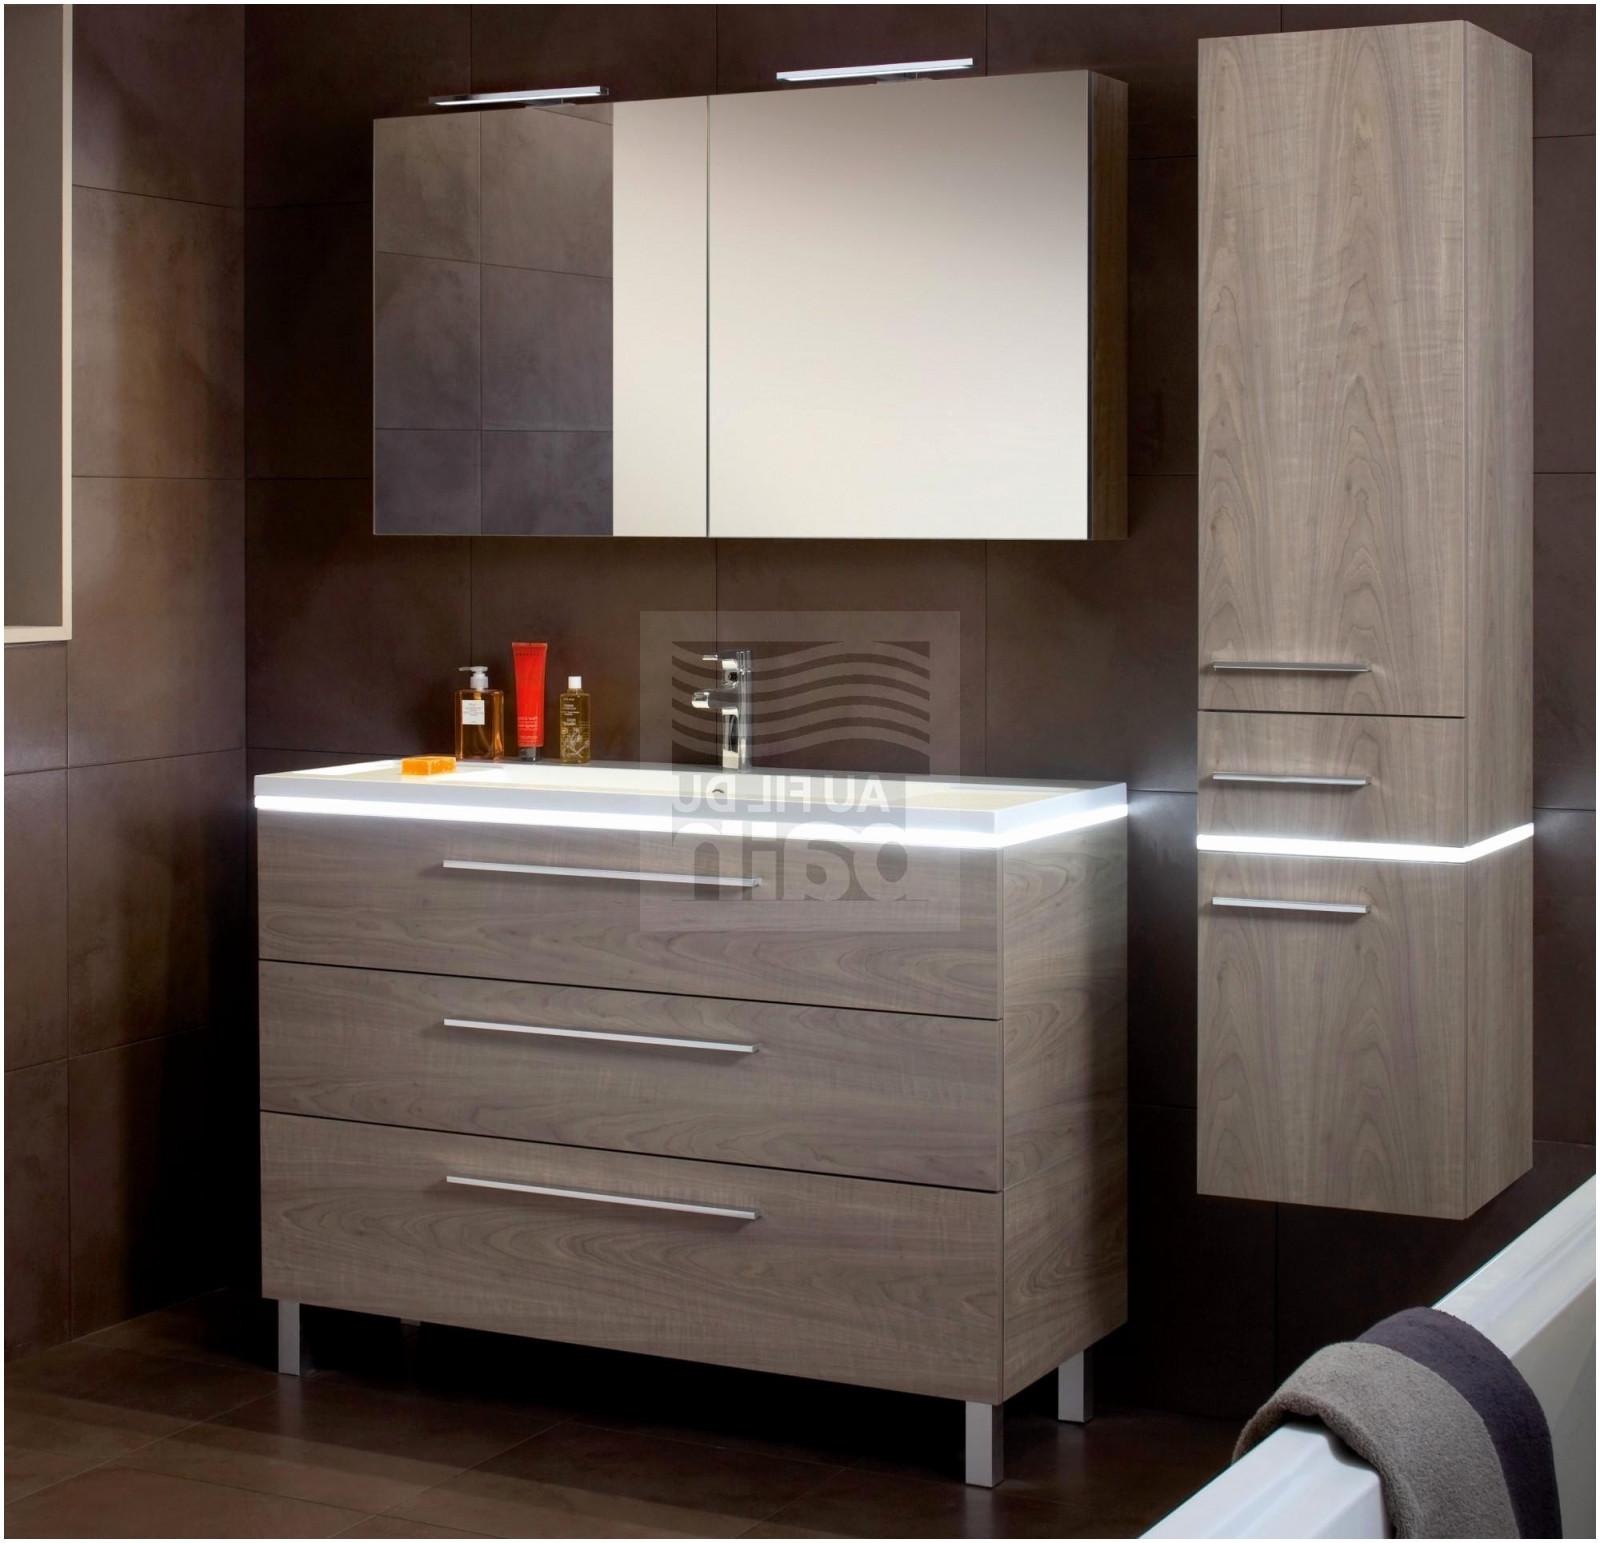 meuble de salle de bain brico depot vasque salle de bain brico depot minimaliste meuble salle de bain of meuble de salle de bain brico depot